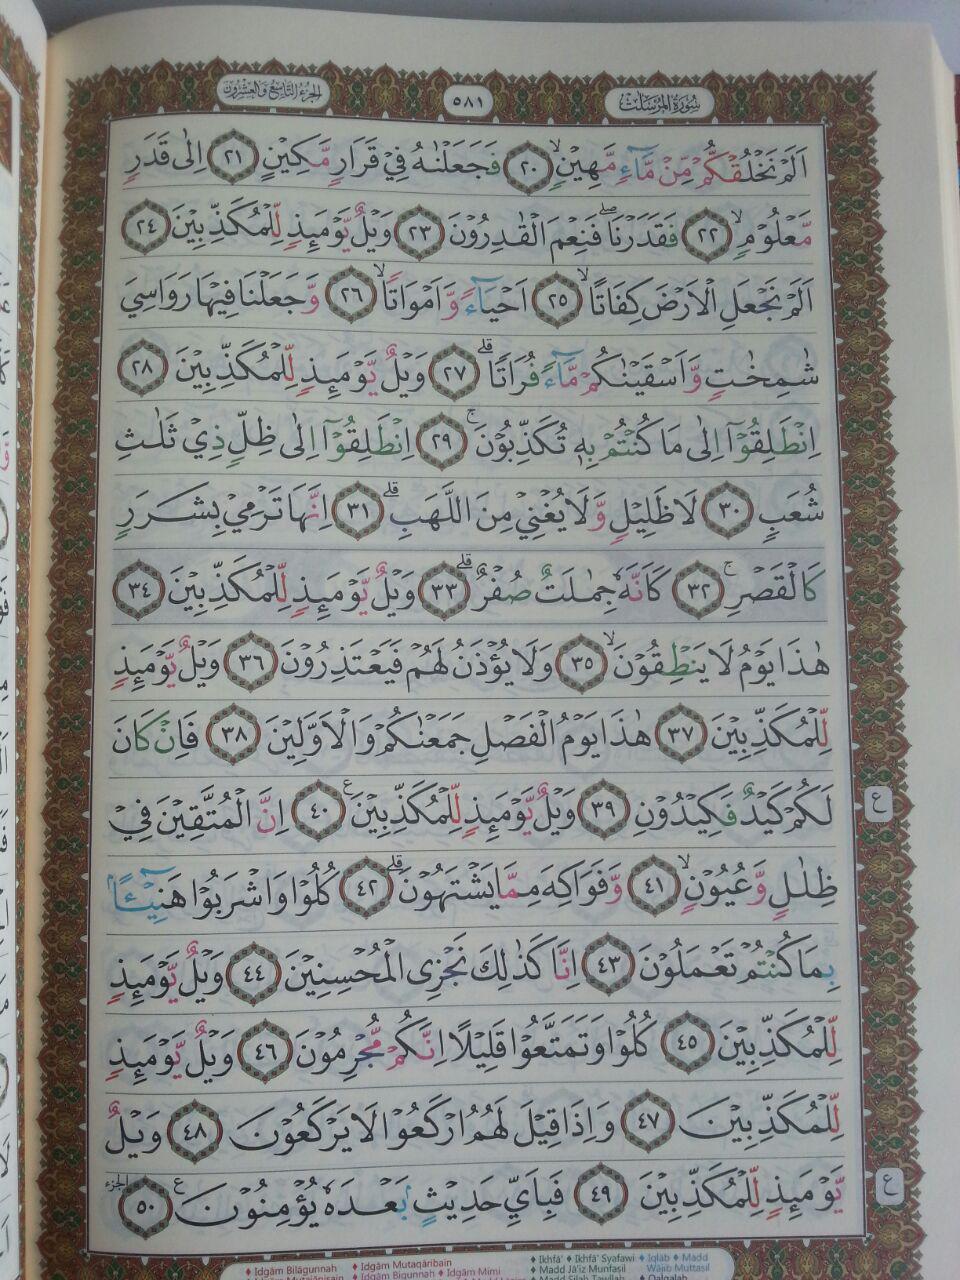 Al-Qur'an Tajwid Warna Tanpa Terjemah As-Samad A4 isi 2